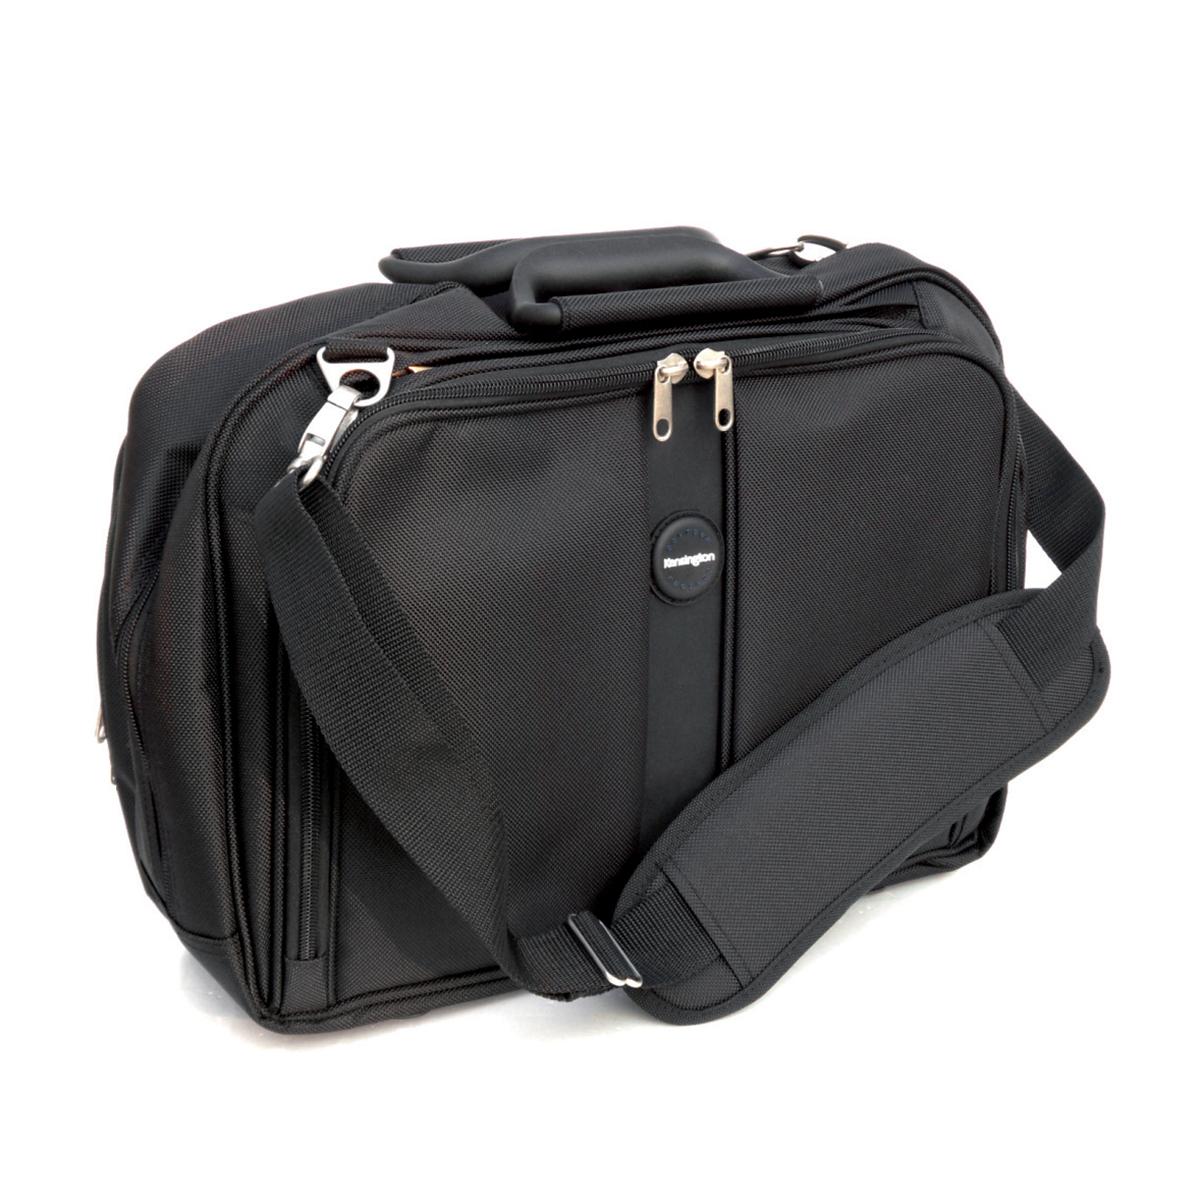 Kensington 62220 Contour 15.6 Inch Topload Laptop Case